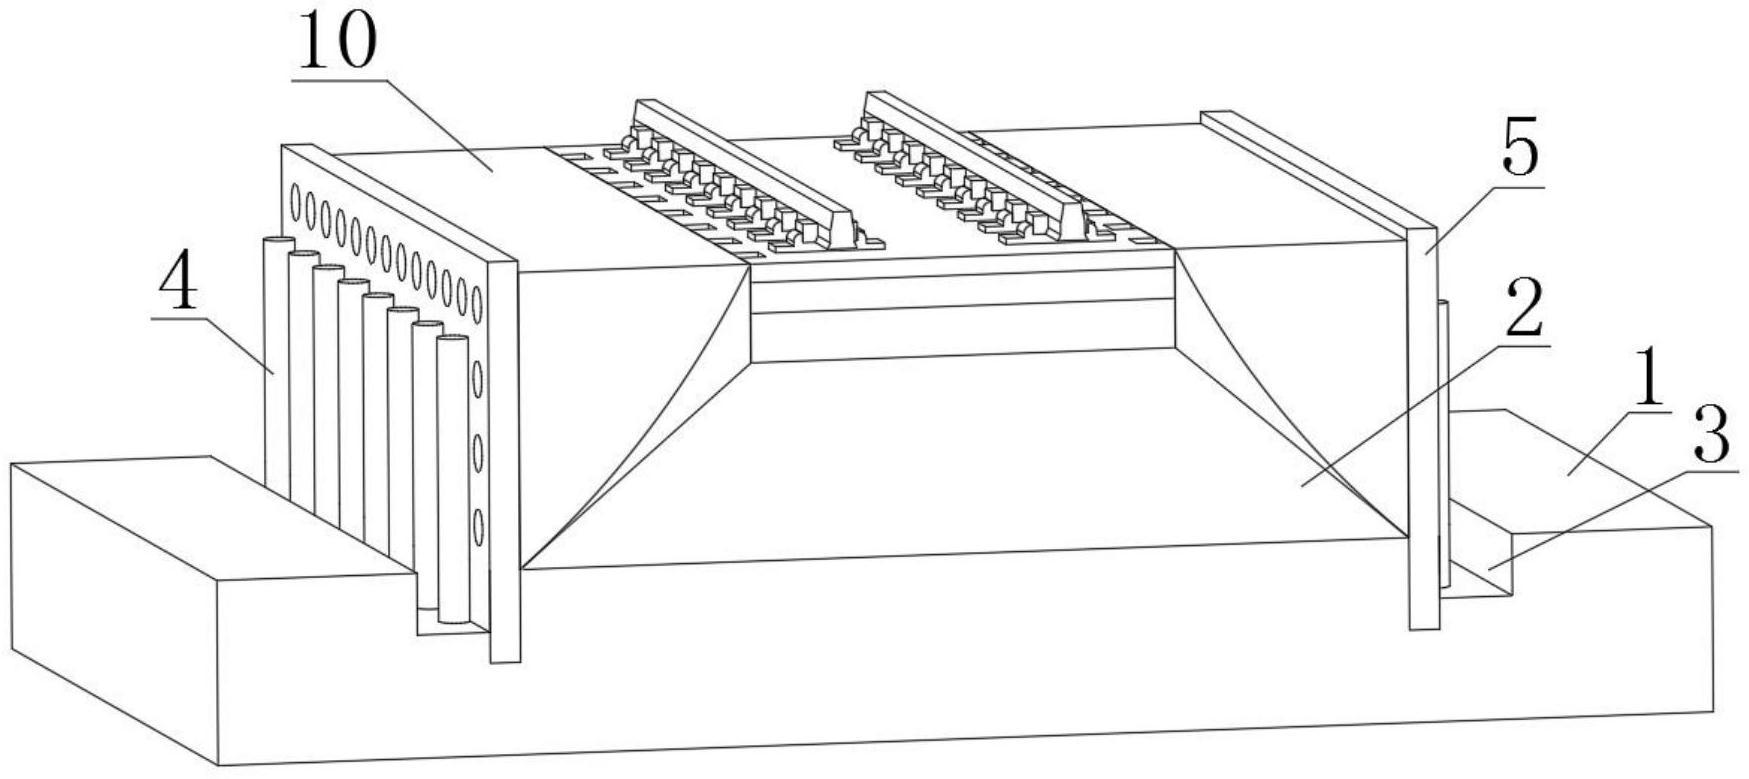 一种无砟轨道高速铁路路基表层结构